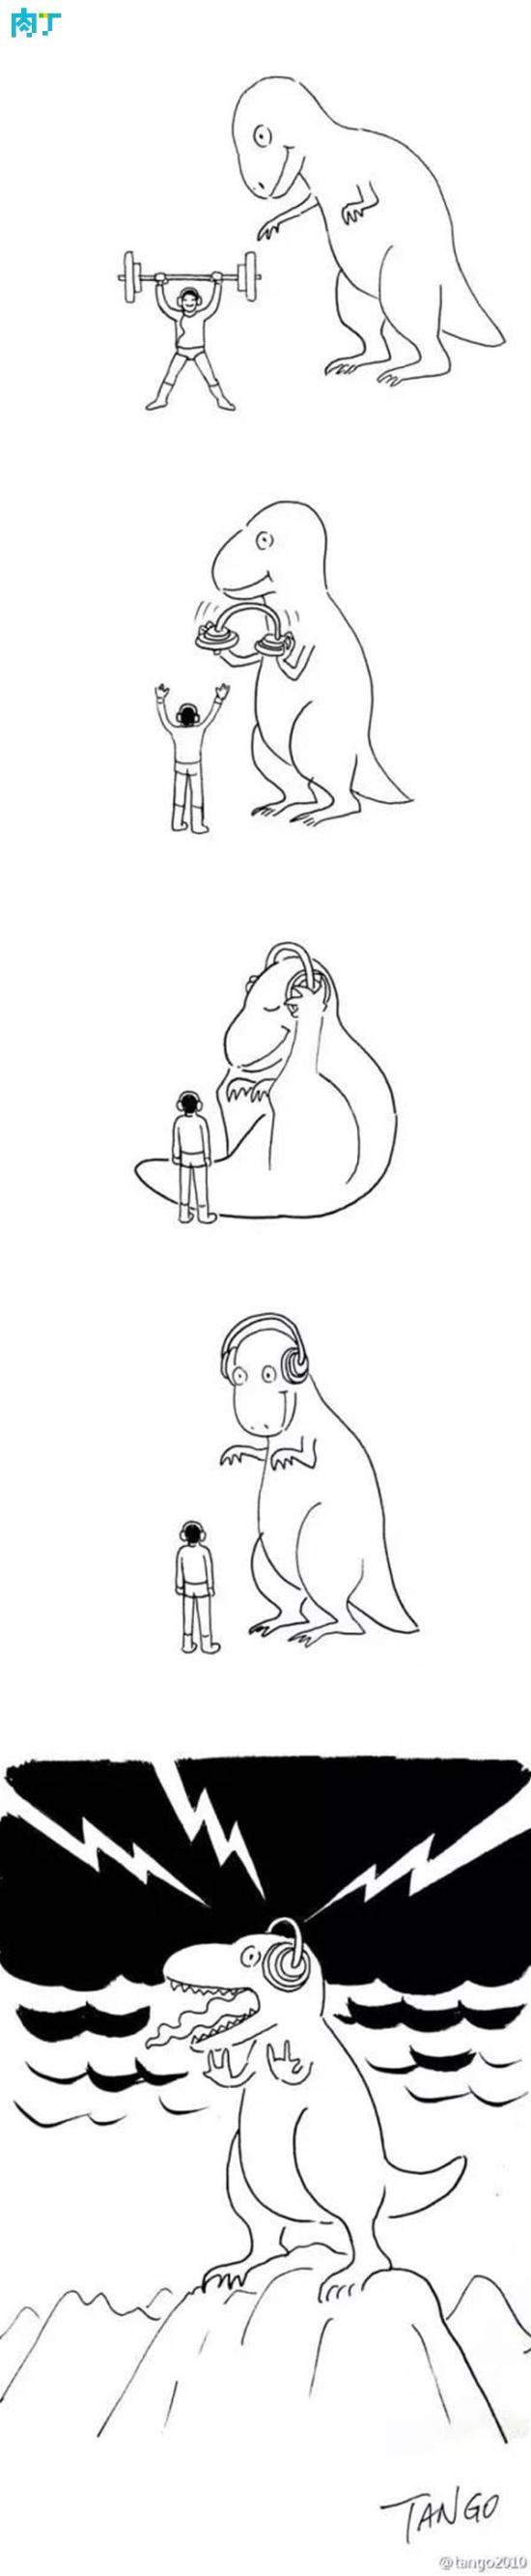 黑色幽默漫画图片合集